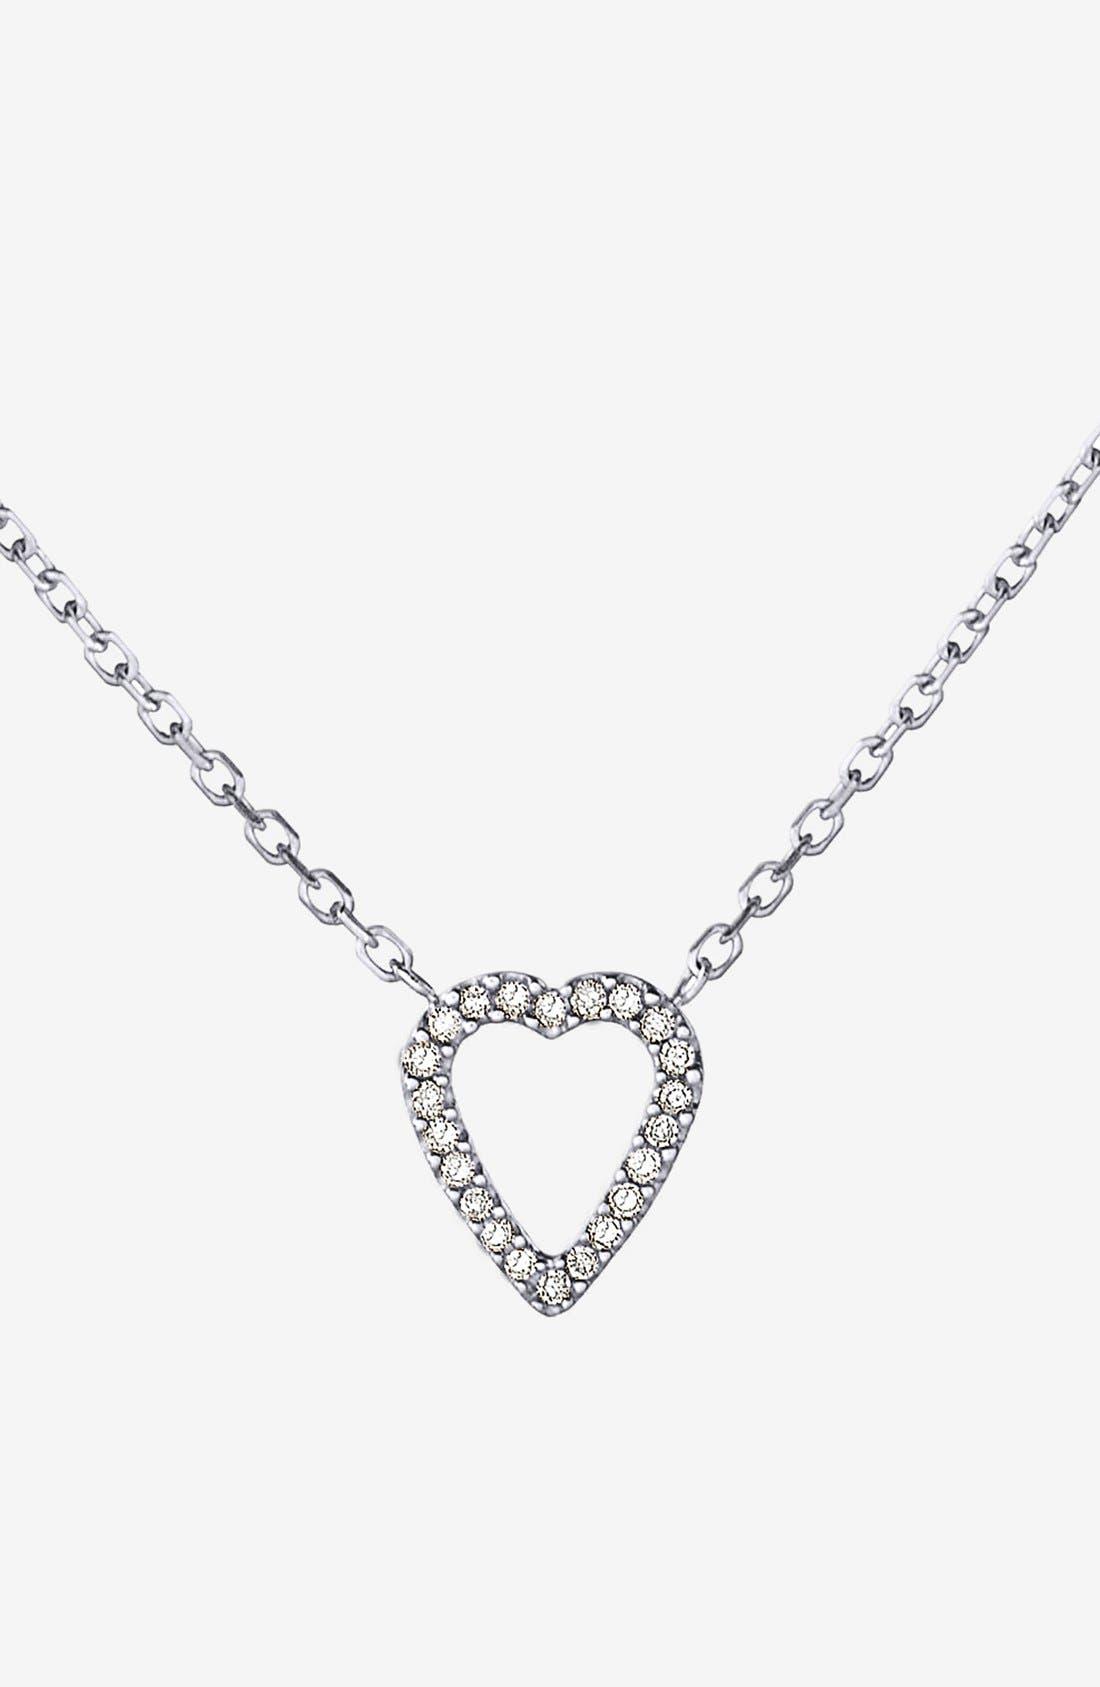 Alternate Image 1 Selected - Adina Reyter Pavé Diamond Heart Pendant Necklace (Online Only)